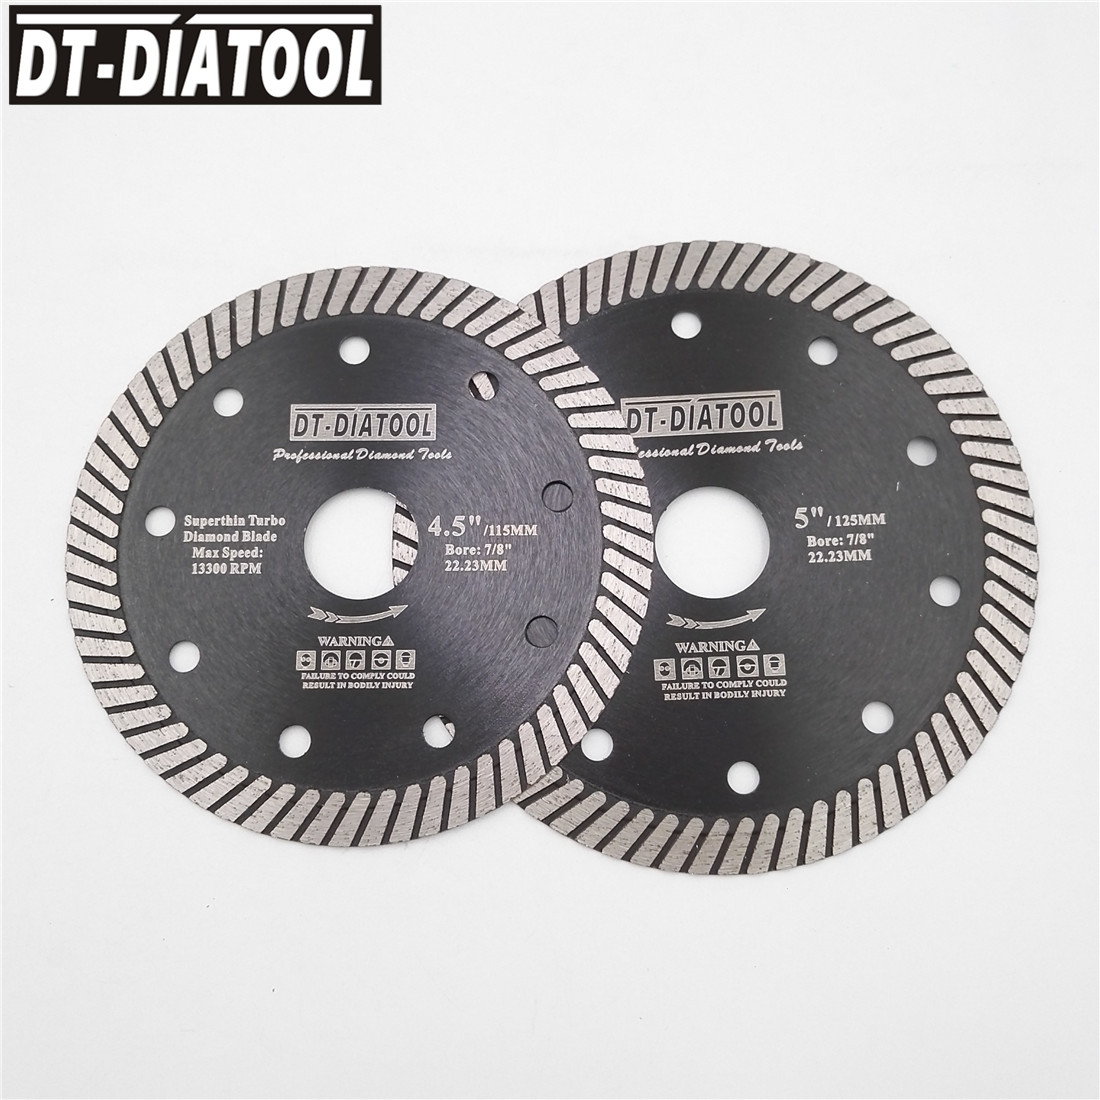 DT-DIATOOL 2pcs Dia 115mm/4.5